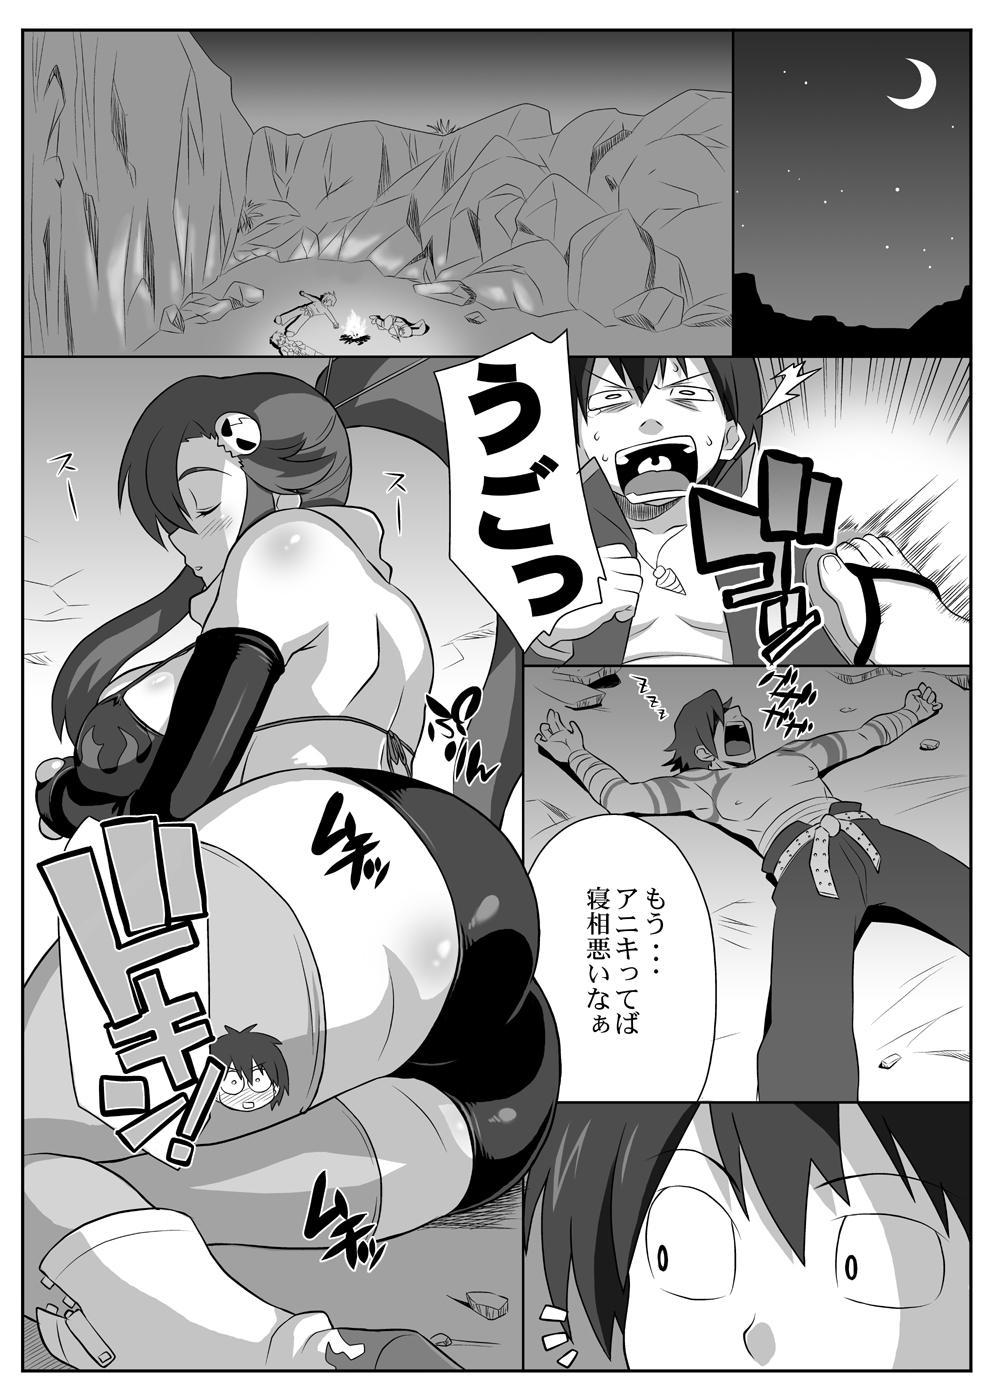 Bishoujo Sniper Yoko-san no ☆☆ 38